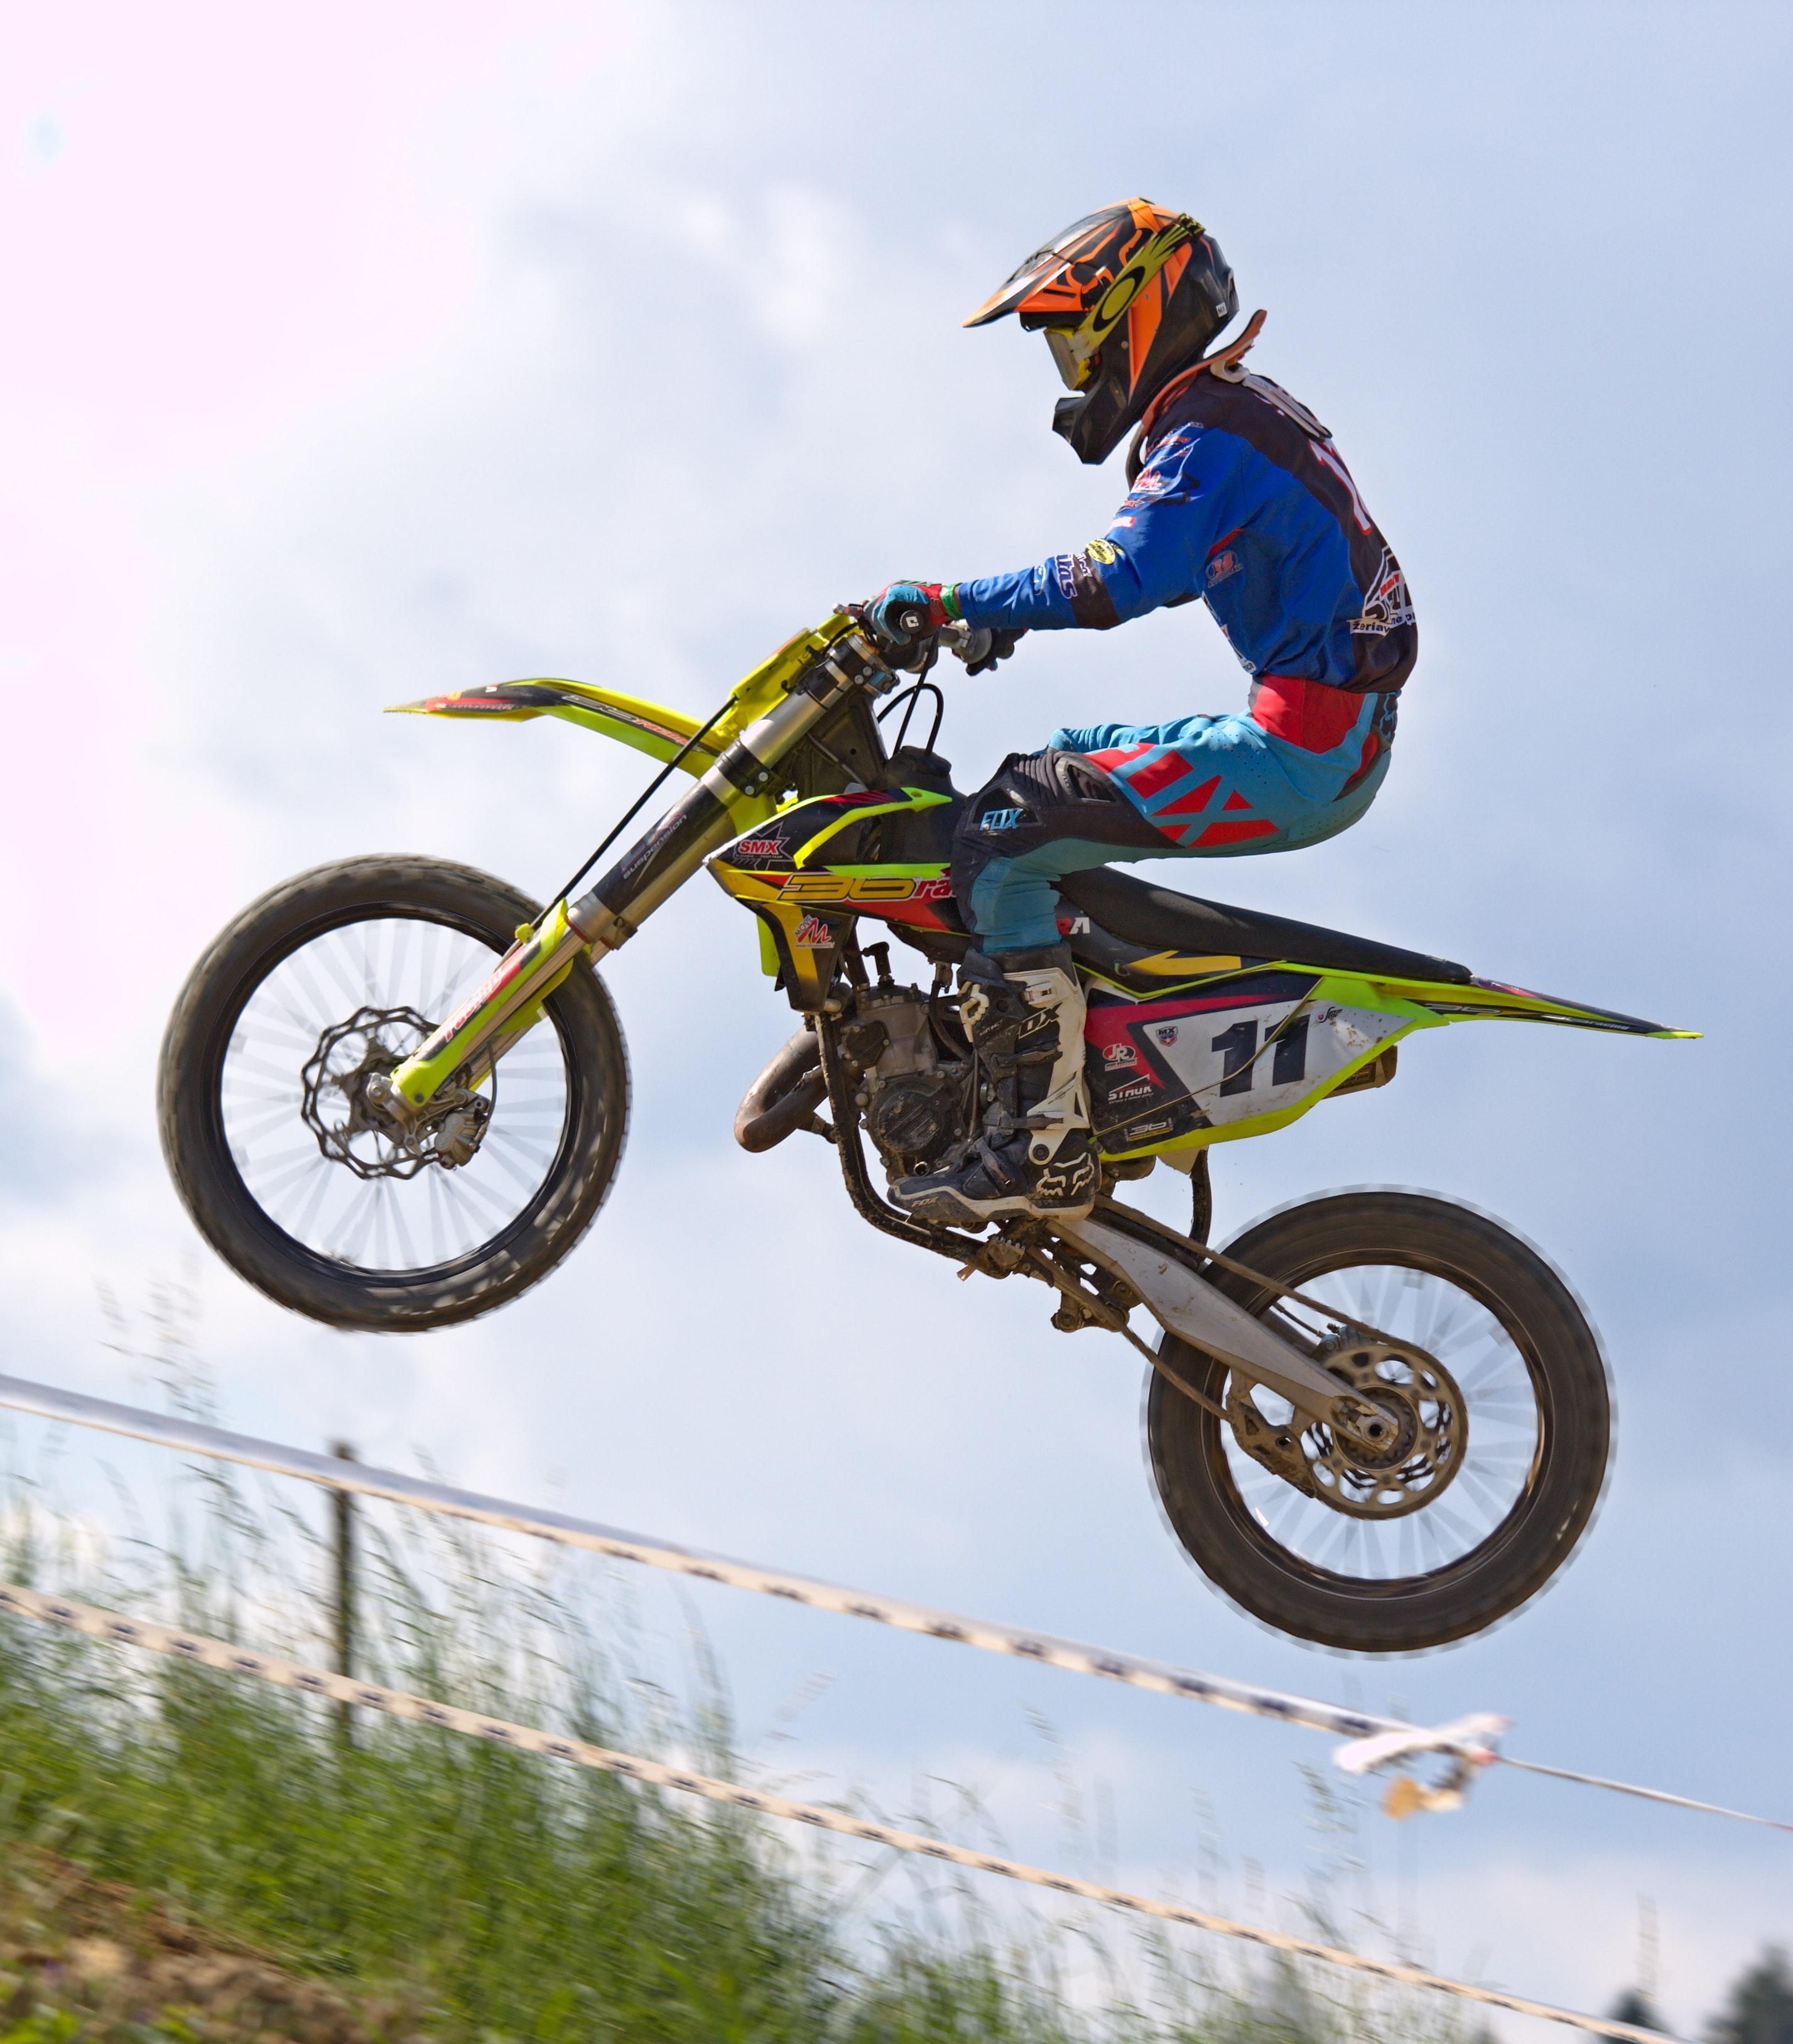 Person doing stunt in motocross dirt bike photo